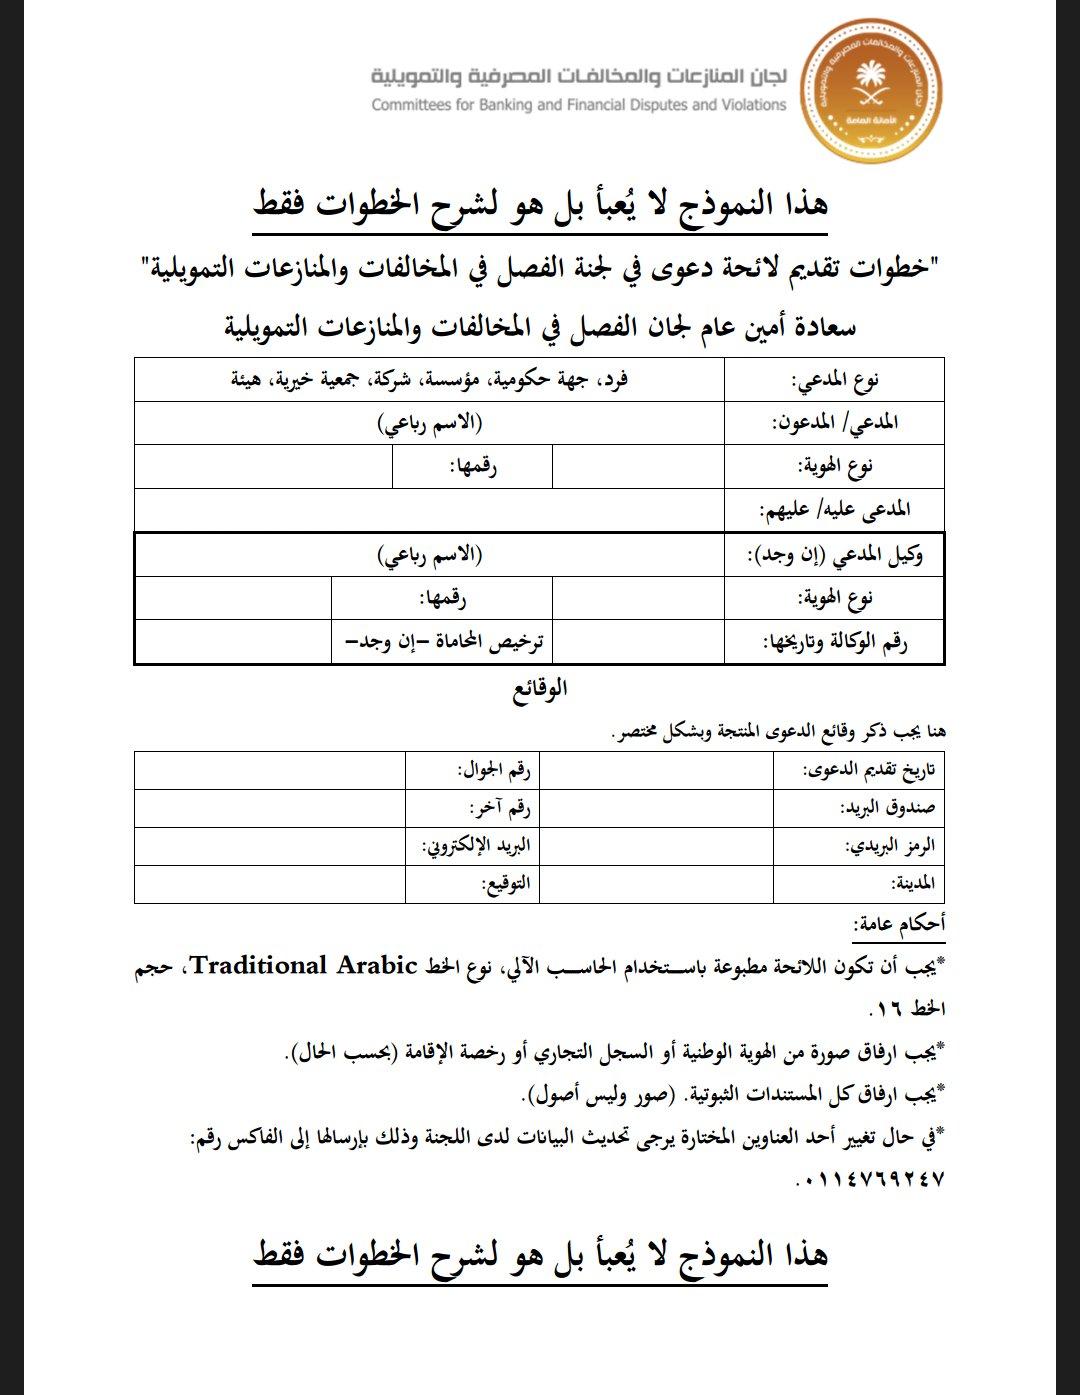 المحامي د علي الغامدي Pa Twitter نموذج لائحة الدعوى في لجنة الفصل في المخالفات والمنازعات التمويلية